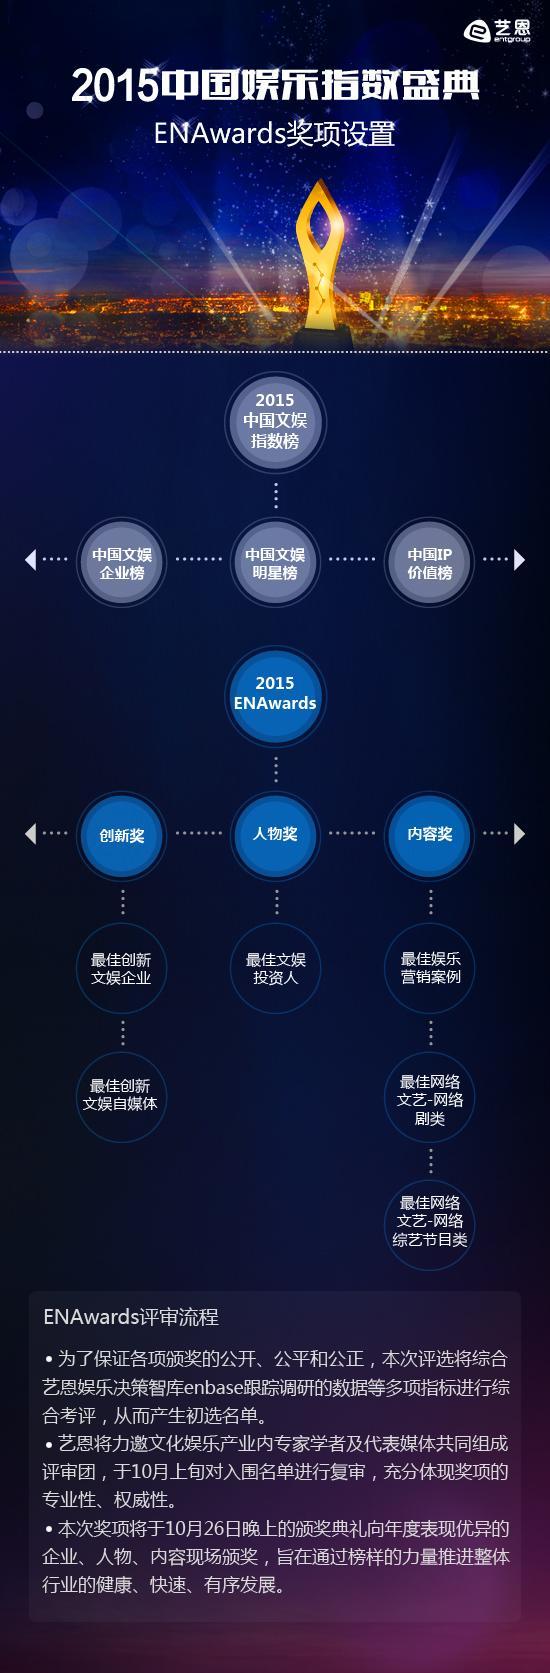 2015中国文娱创新峰会发布 无限可能,由你来定